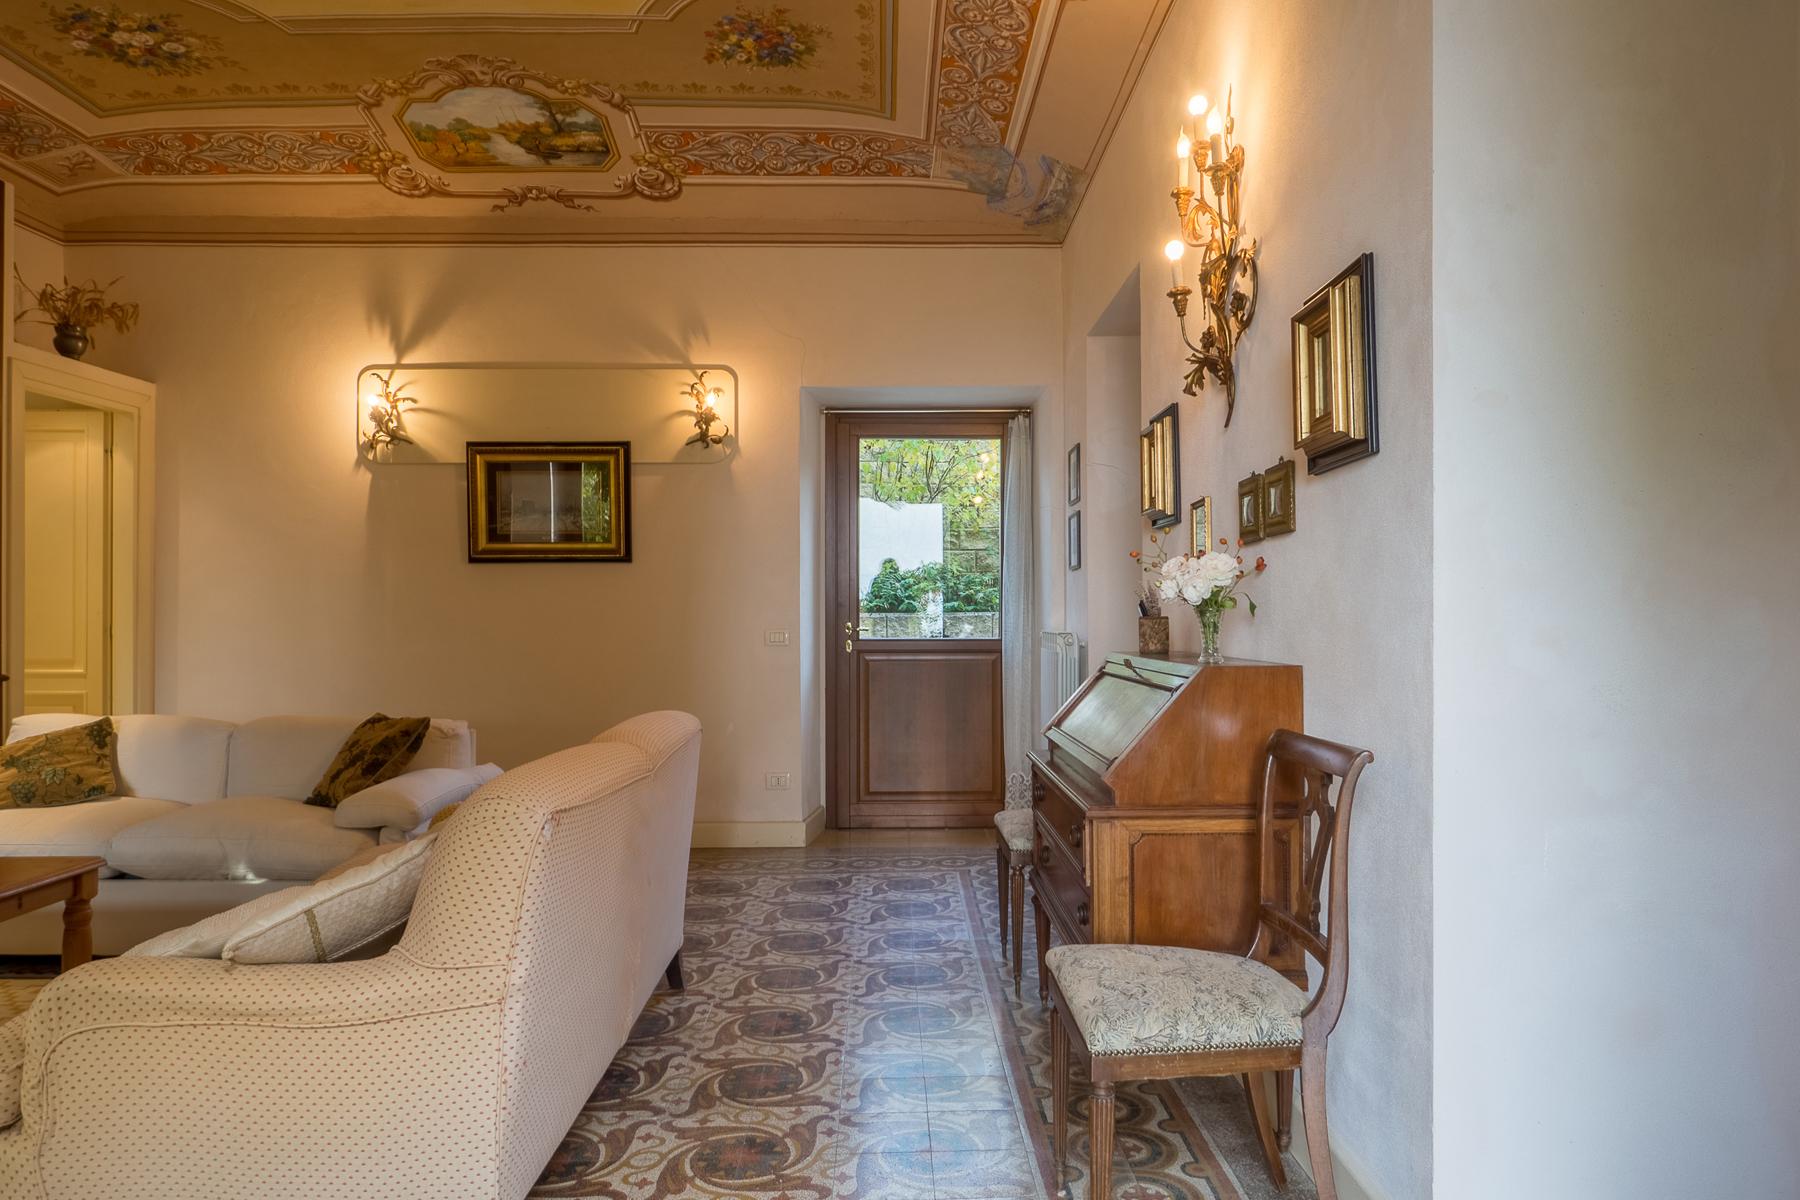 Appartamento in Vendita a Vignale Monferrato: 5 locali, 140 mq - Foto 2